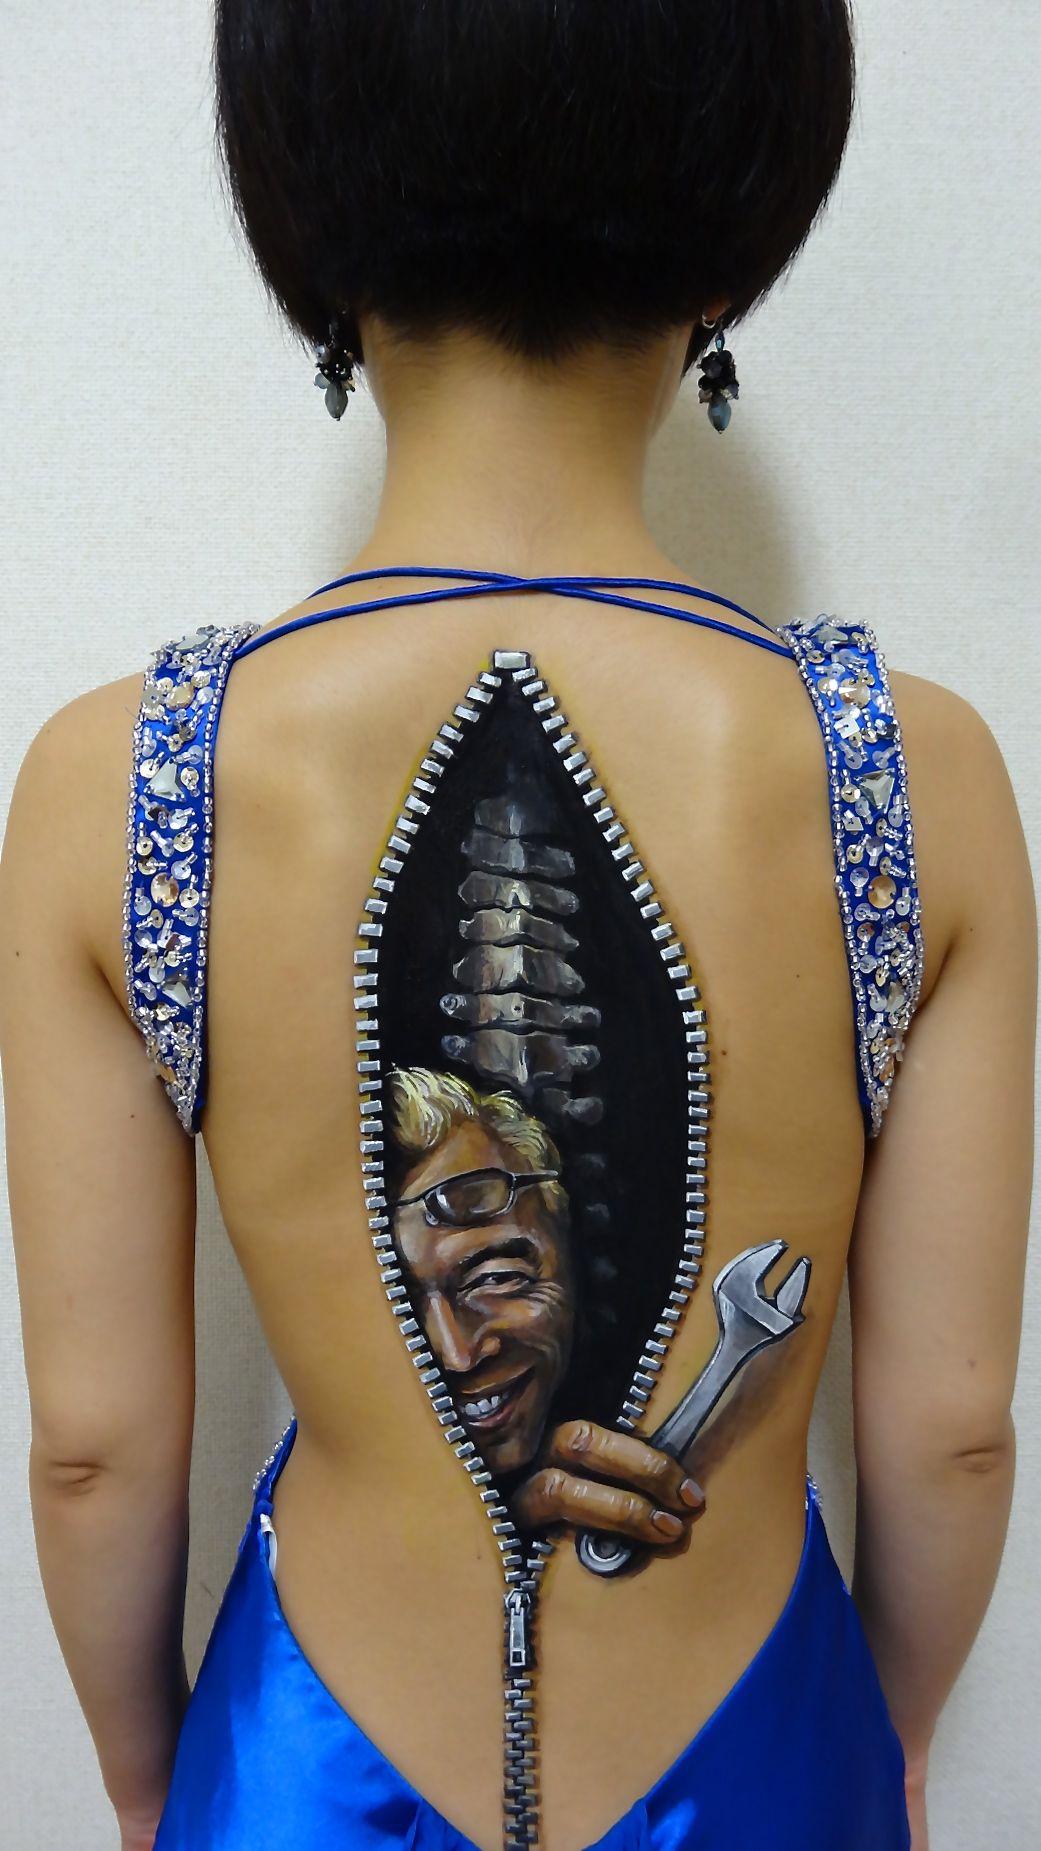 Monos at Design Spirals http://www.designspirals.com/monos-illusionary-make-up-art/